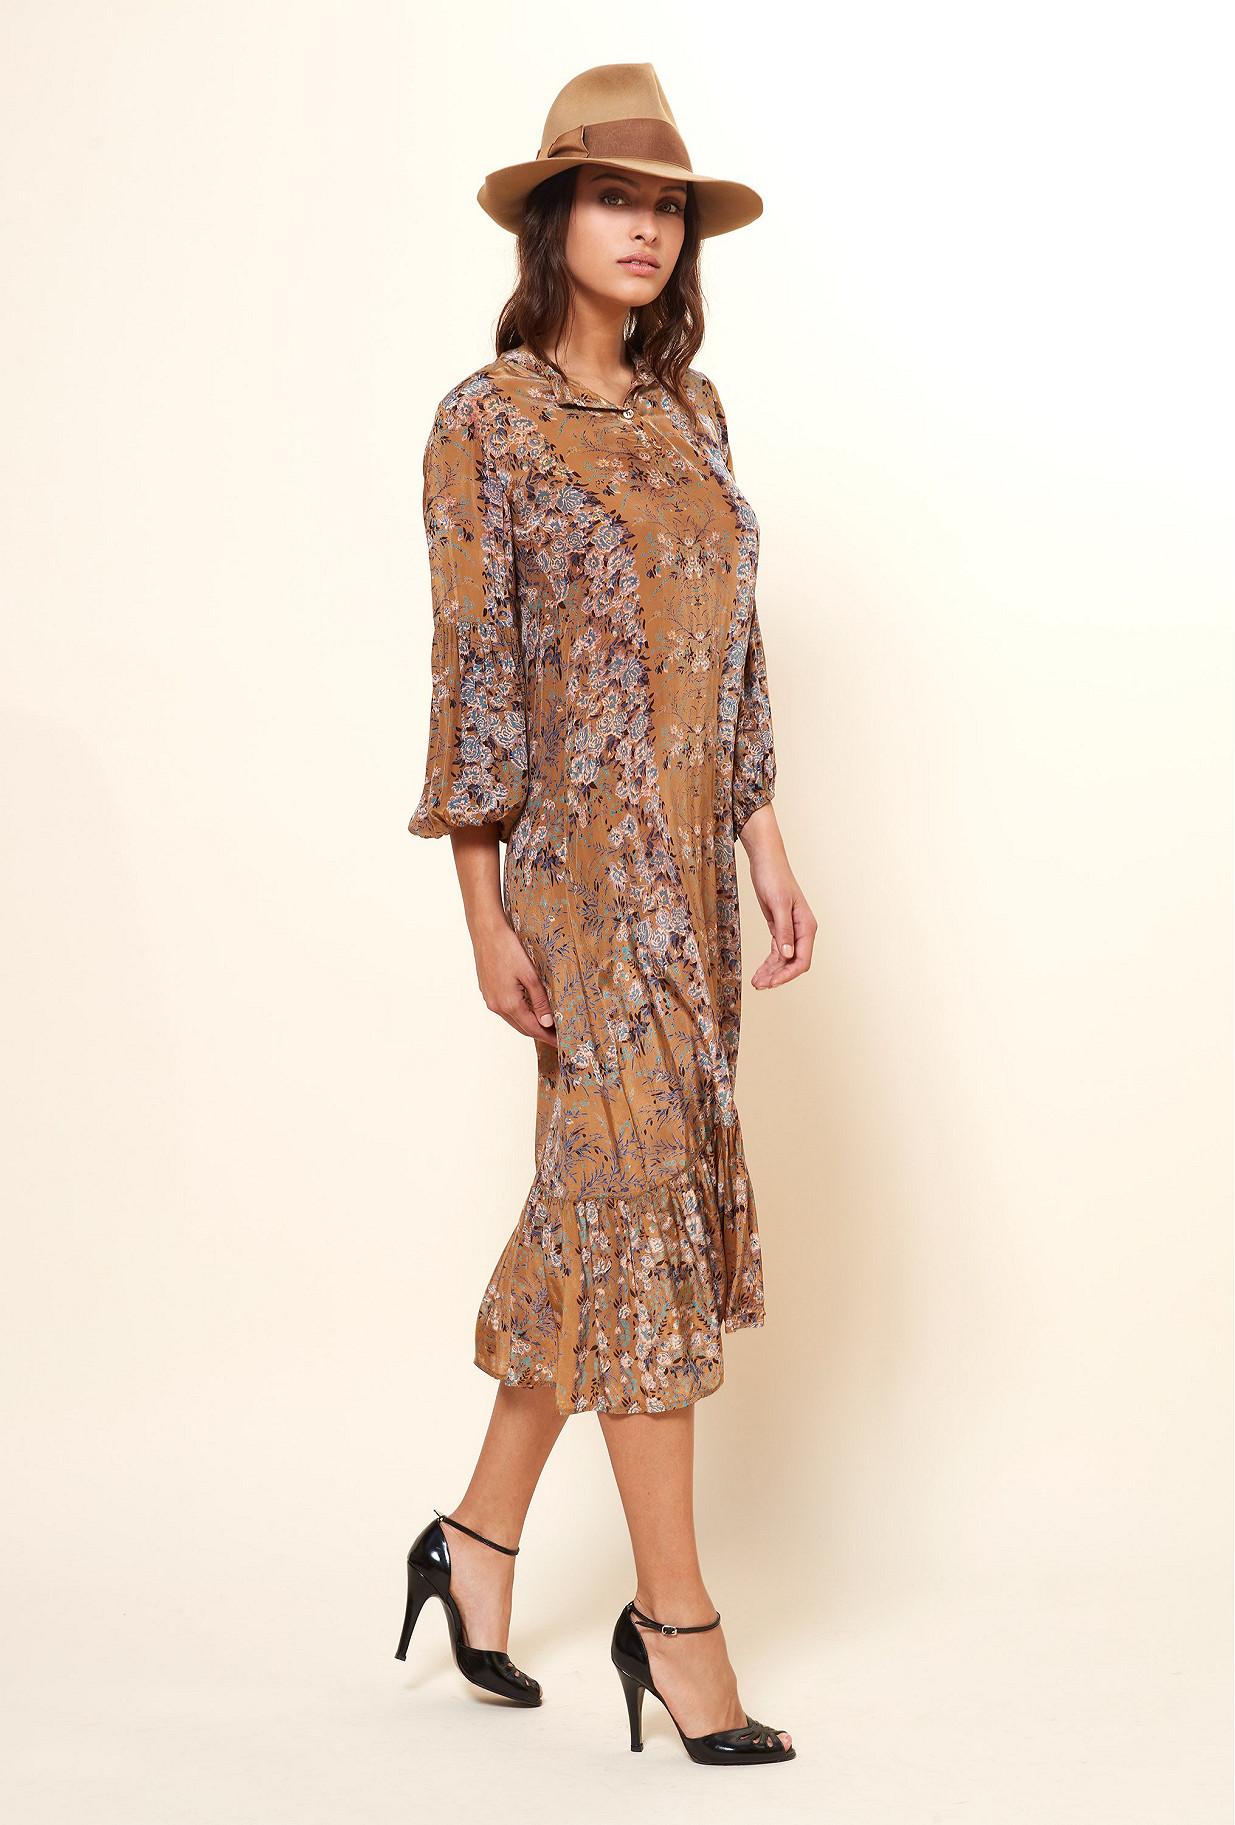 Paris clothes store Dress  Jena french designer fashion Paris